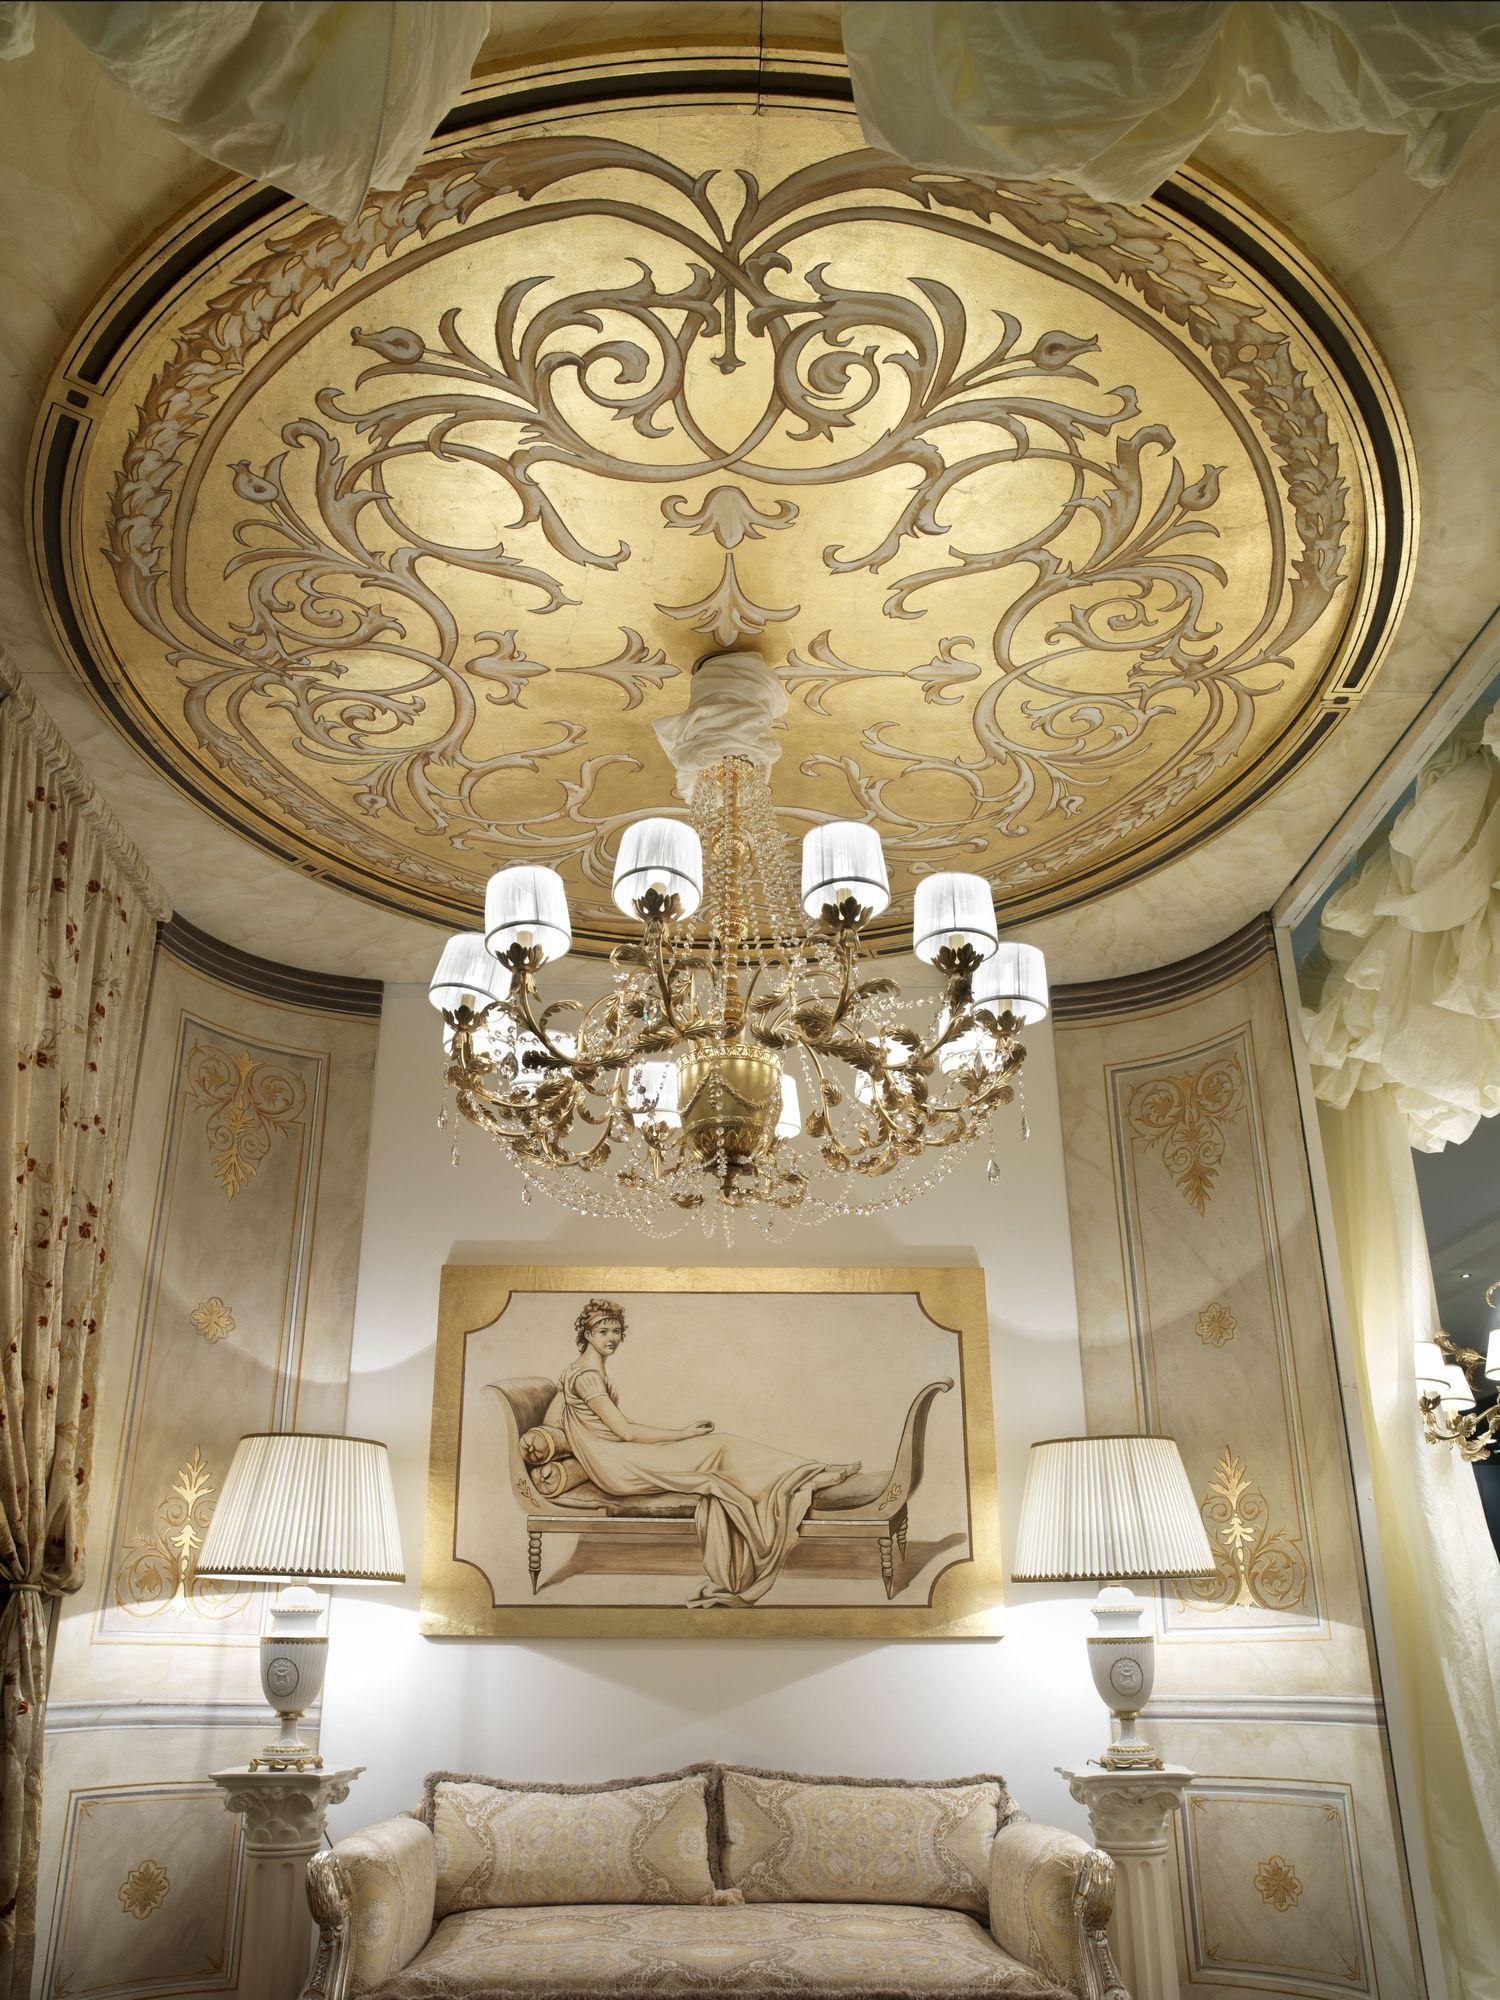 Le meraviglie del soffitto affrescato: nell'immagine uno scatto dell'allestimento Mariani al Salone del Mobile 2010